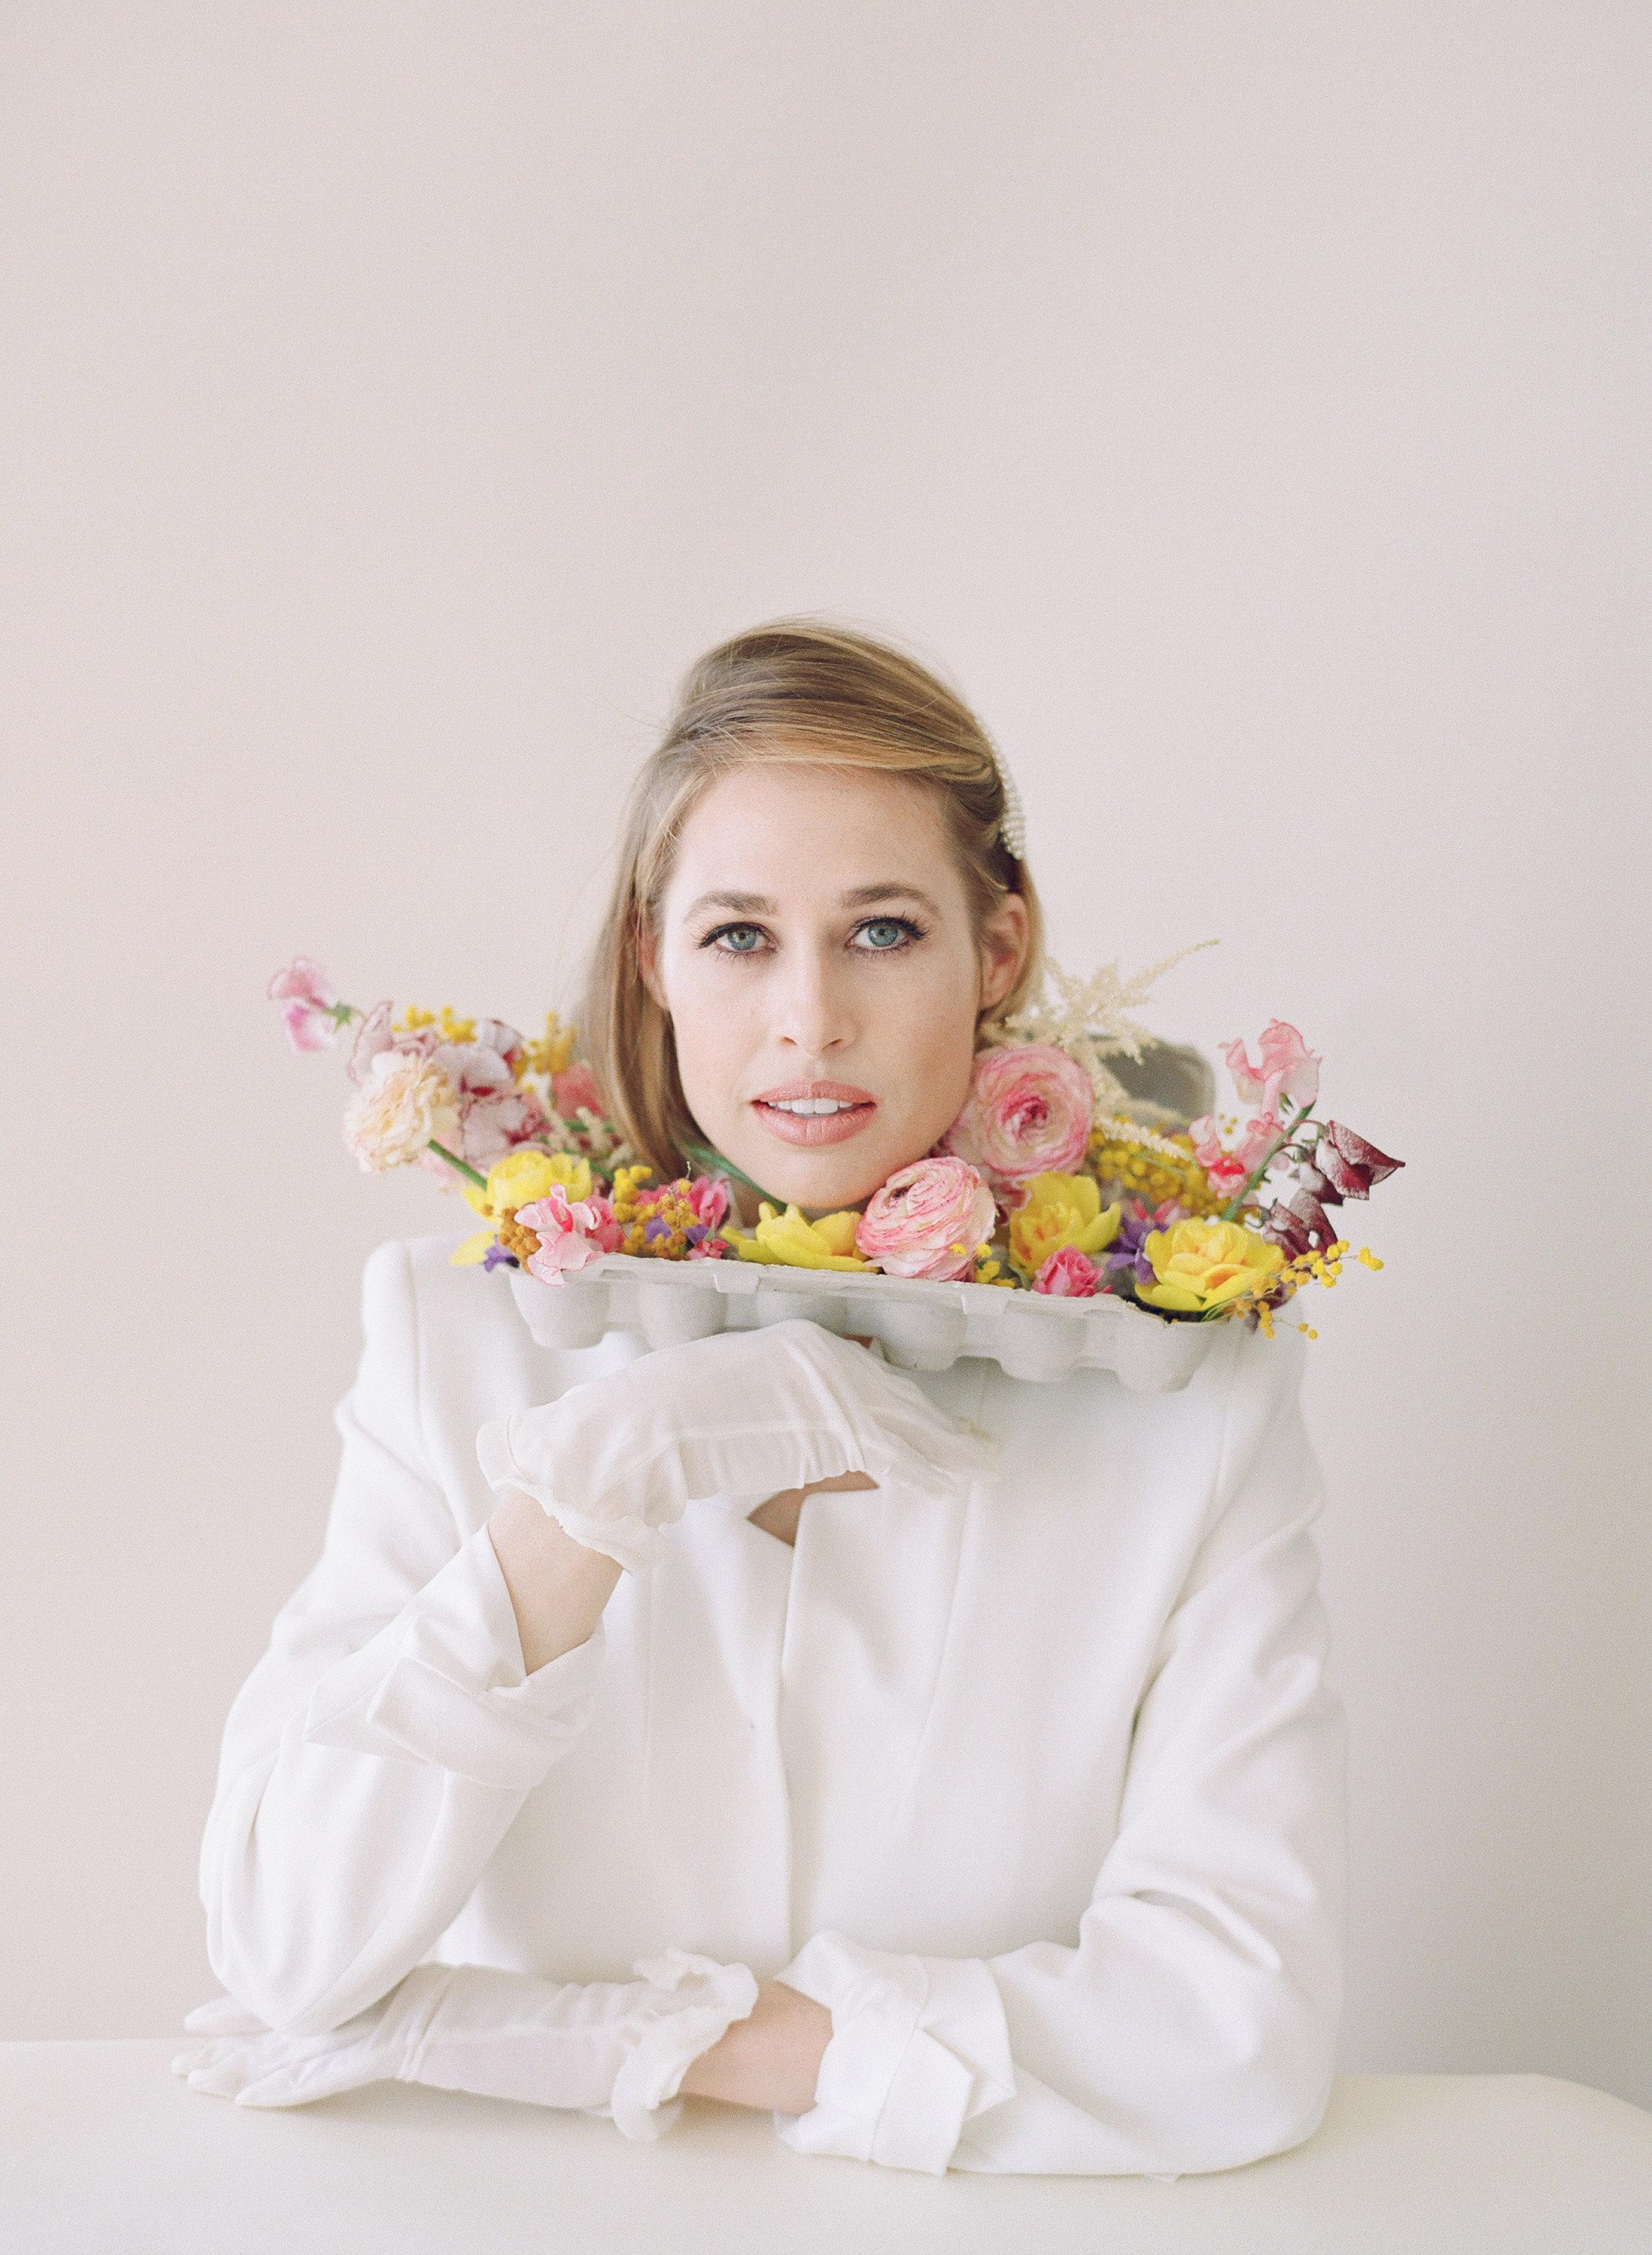 007_FriedEggs&Flowers.jpg